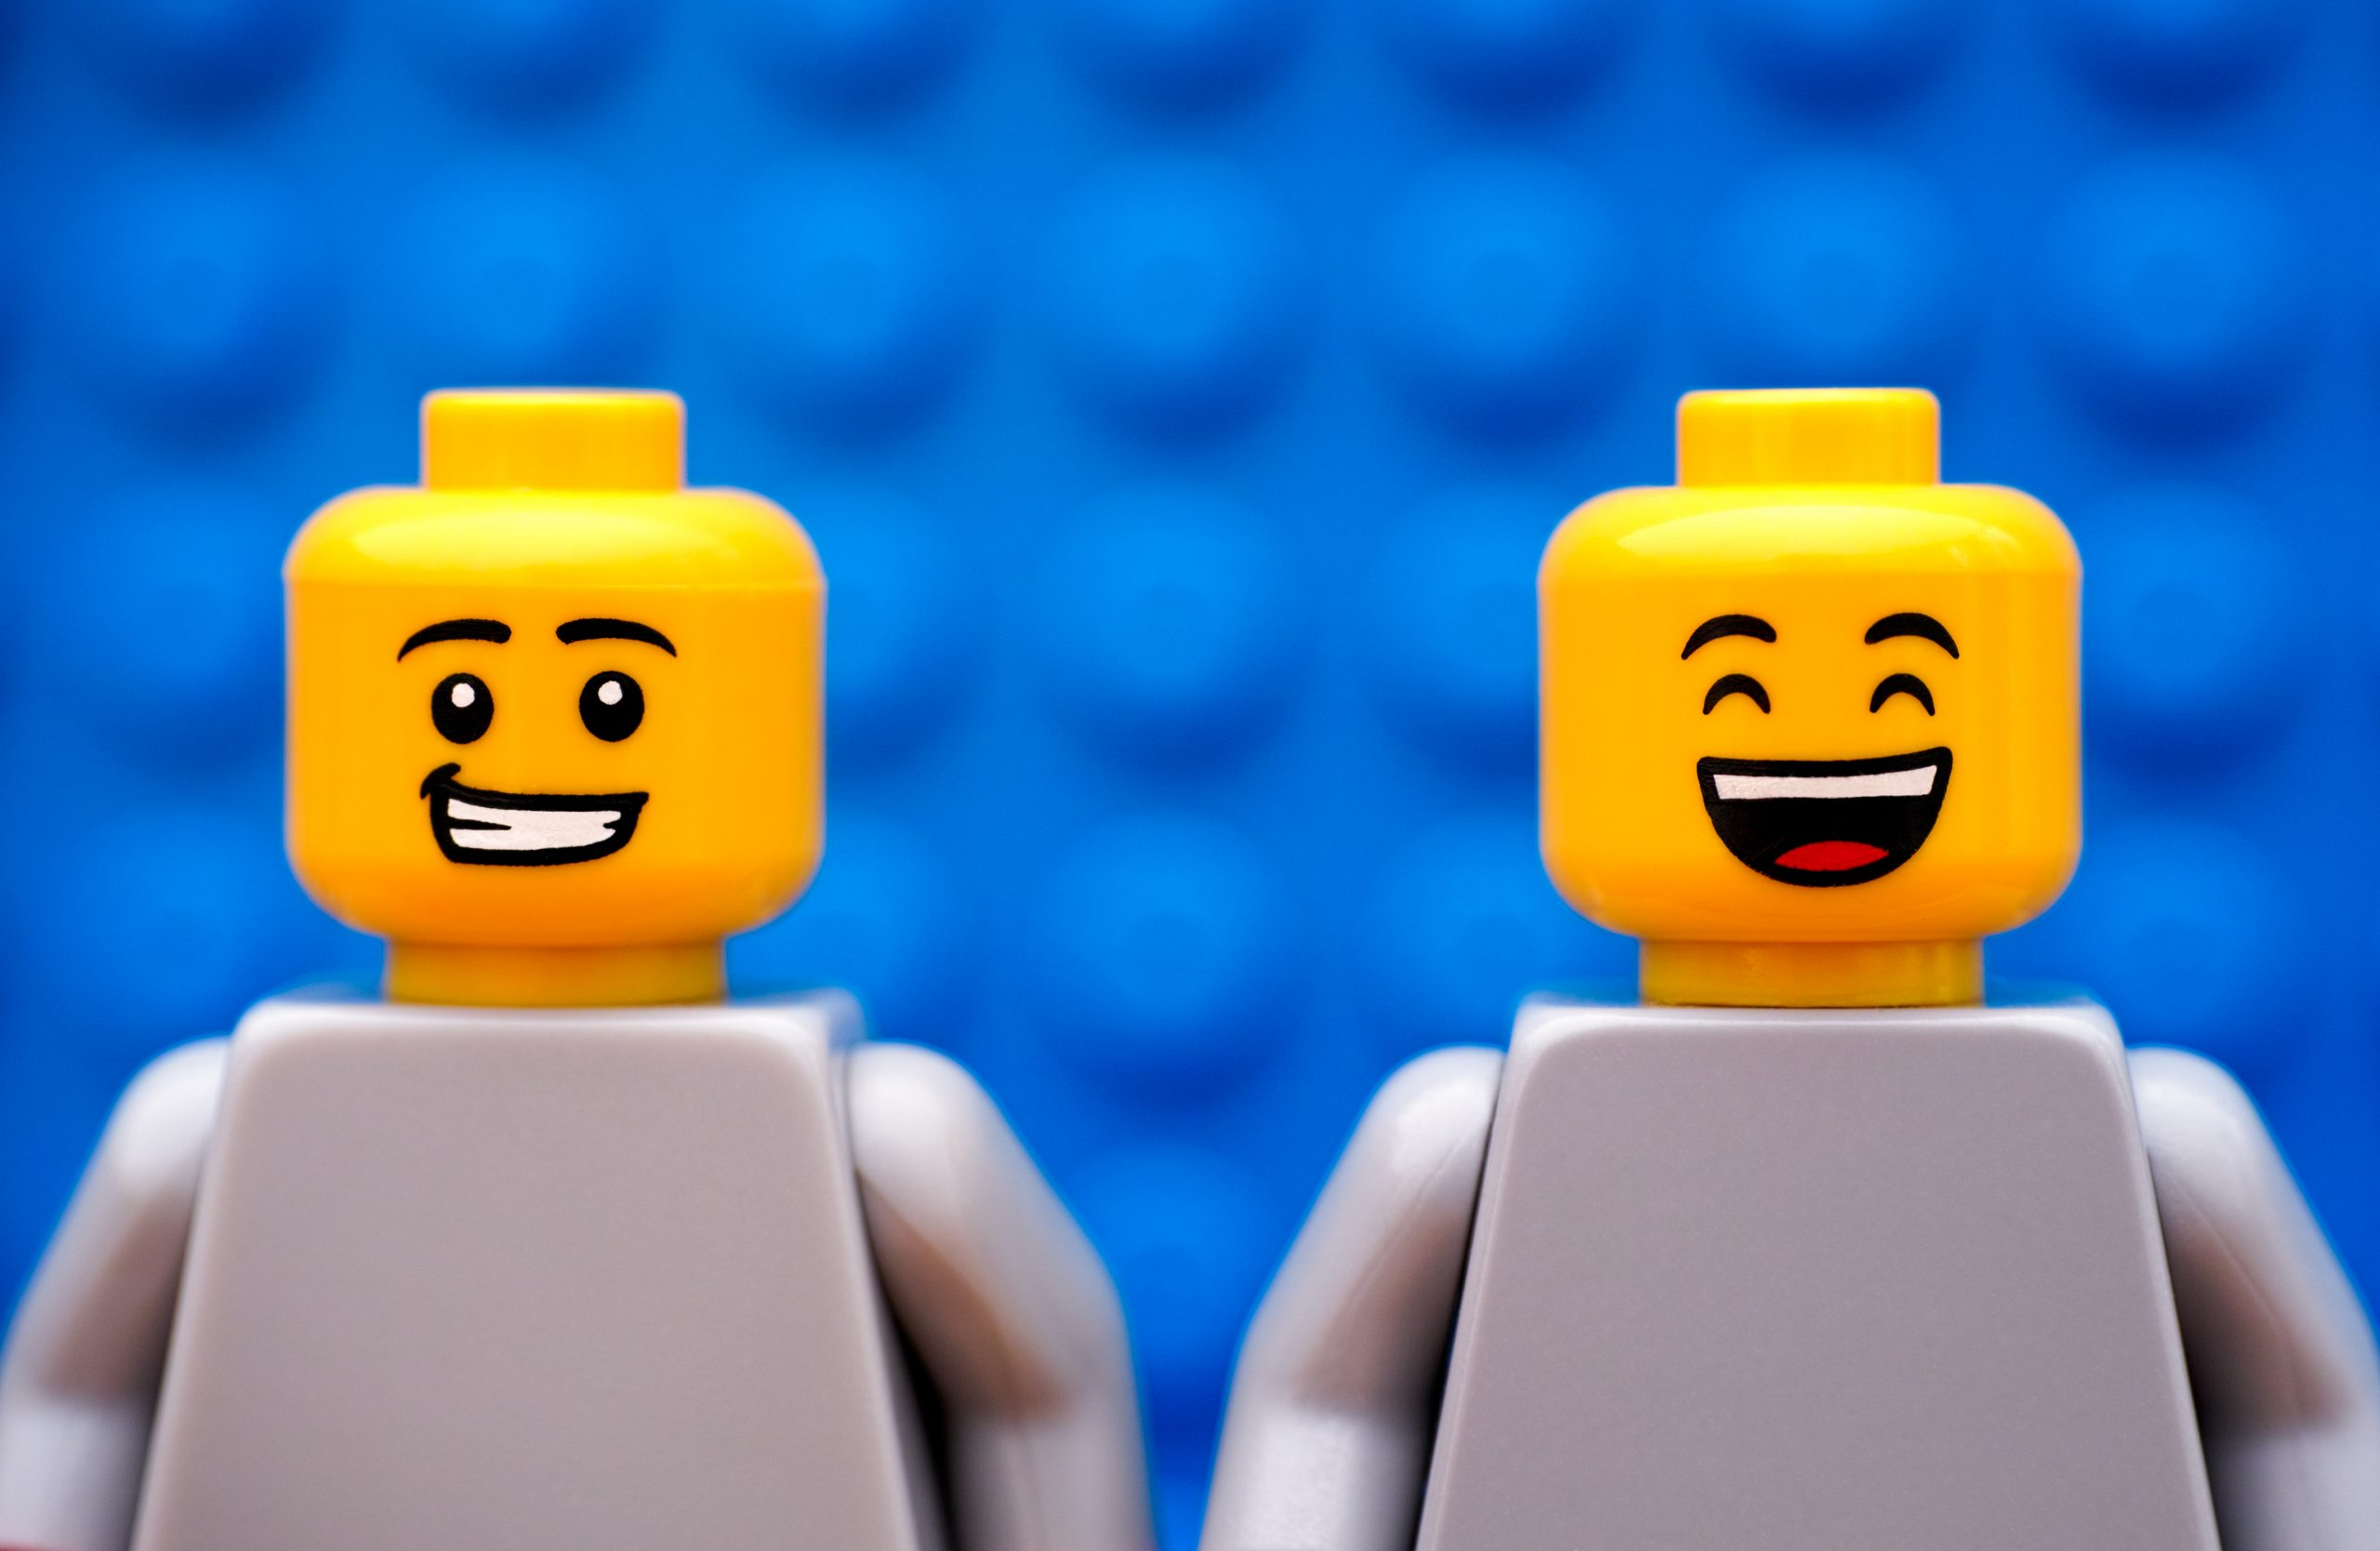 14 лучших аналогов Лего для детей в 2021 году